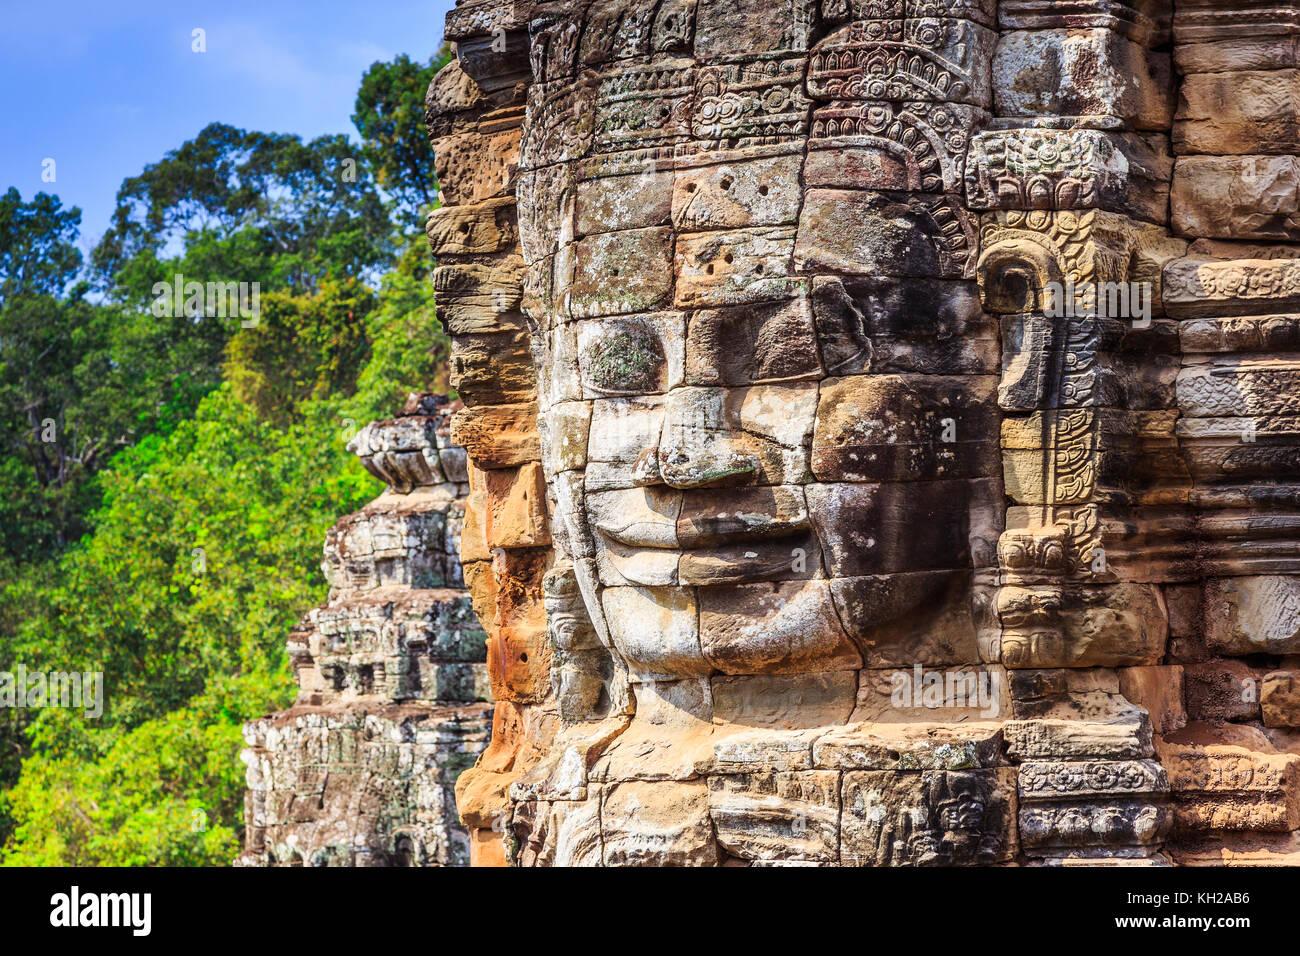 Angkor, Cambogia. faccia torre presso il tempio Bayon. Immagini Stock